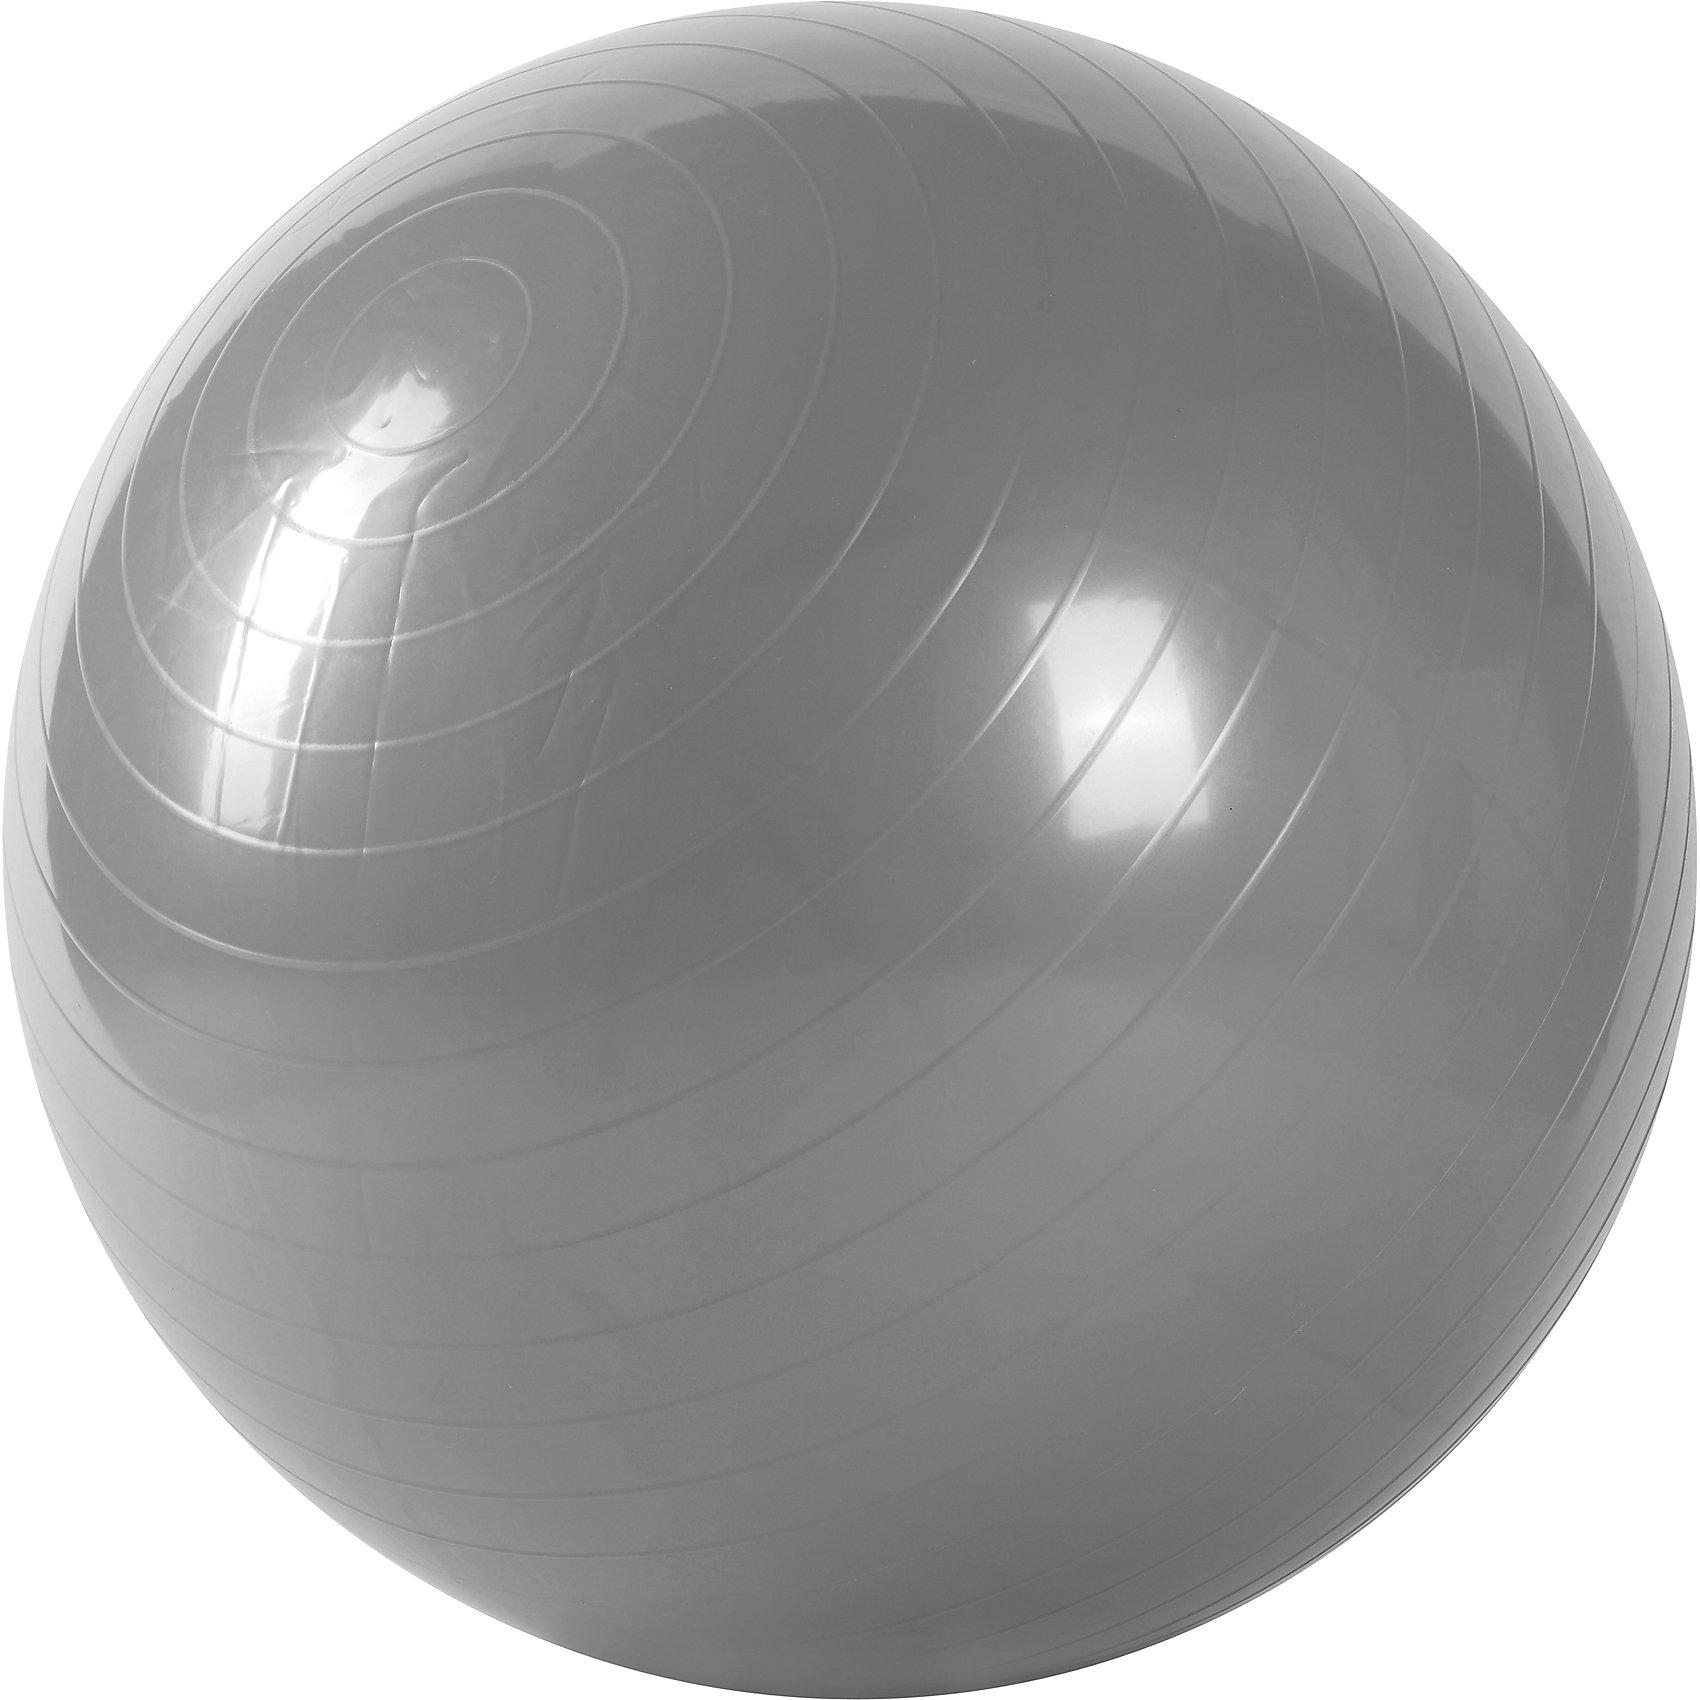 Гимнастический мяч, диам. 65 см, Z-SportsТренажёры<br>Основные характеристики<br><br>Тип: гимнастический <br>Материал: поливинилхлорид<br>Диаметр: 65см<br>Вес: 0,99кг<br>Цвет: серый<br>Максимальный вес пользователя: 70кг<br>Страна-производитель: Китай<br>Упаковка: индивидуальная цветная коробка<br><br>Является универсальным тренажером для всех групп мышц, помогает развить гибкость, исправить осанку, снимает чувство усталости в спине.<br>Незаменим на занятиях фитнесом и физкультурой. Главная функция мяча — снять нагрузку с позвоночника и разгрузить суставы. Именно упражнения с применением гимнастических мячей способны тренировать спину и улучшать осанку, бороться с искривлениями позвоночника, в особенности у детей и подростков. Гимнастические мячи могут использоваться также при массаже новорожденных. <br>Поставляется в сдутом виде.<br><br>Преимущества мяча ВВ-001РP-26:<br>- способствует развитию и укреплению мышц спины, пресса, ног и рук;<br>- используются при занятиях гимнастикой, аэробикой, фитнесом;<br>- способствуют восстановлению мышечных функций и улучшению здоровья в целом.<br><br>Ширина мм: 180<br>Глубина мм: 80<br>Высота мм: 200<br>Вес г: 990<br>Возраст от месяцев: 36<br>Возраст до месяцев: 192<br>Пол: Унисекс<br>Возраст: Детский<br>SKU: 5056642